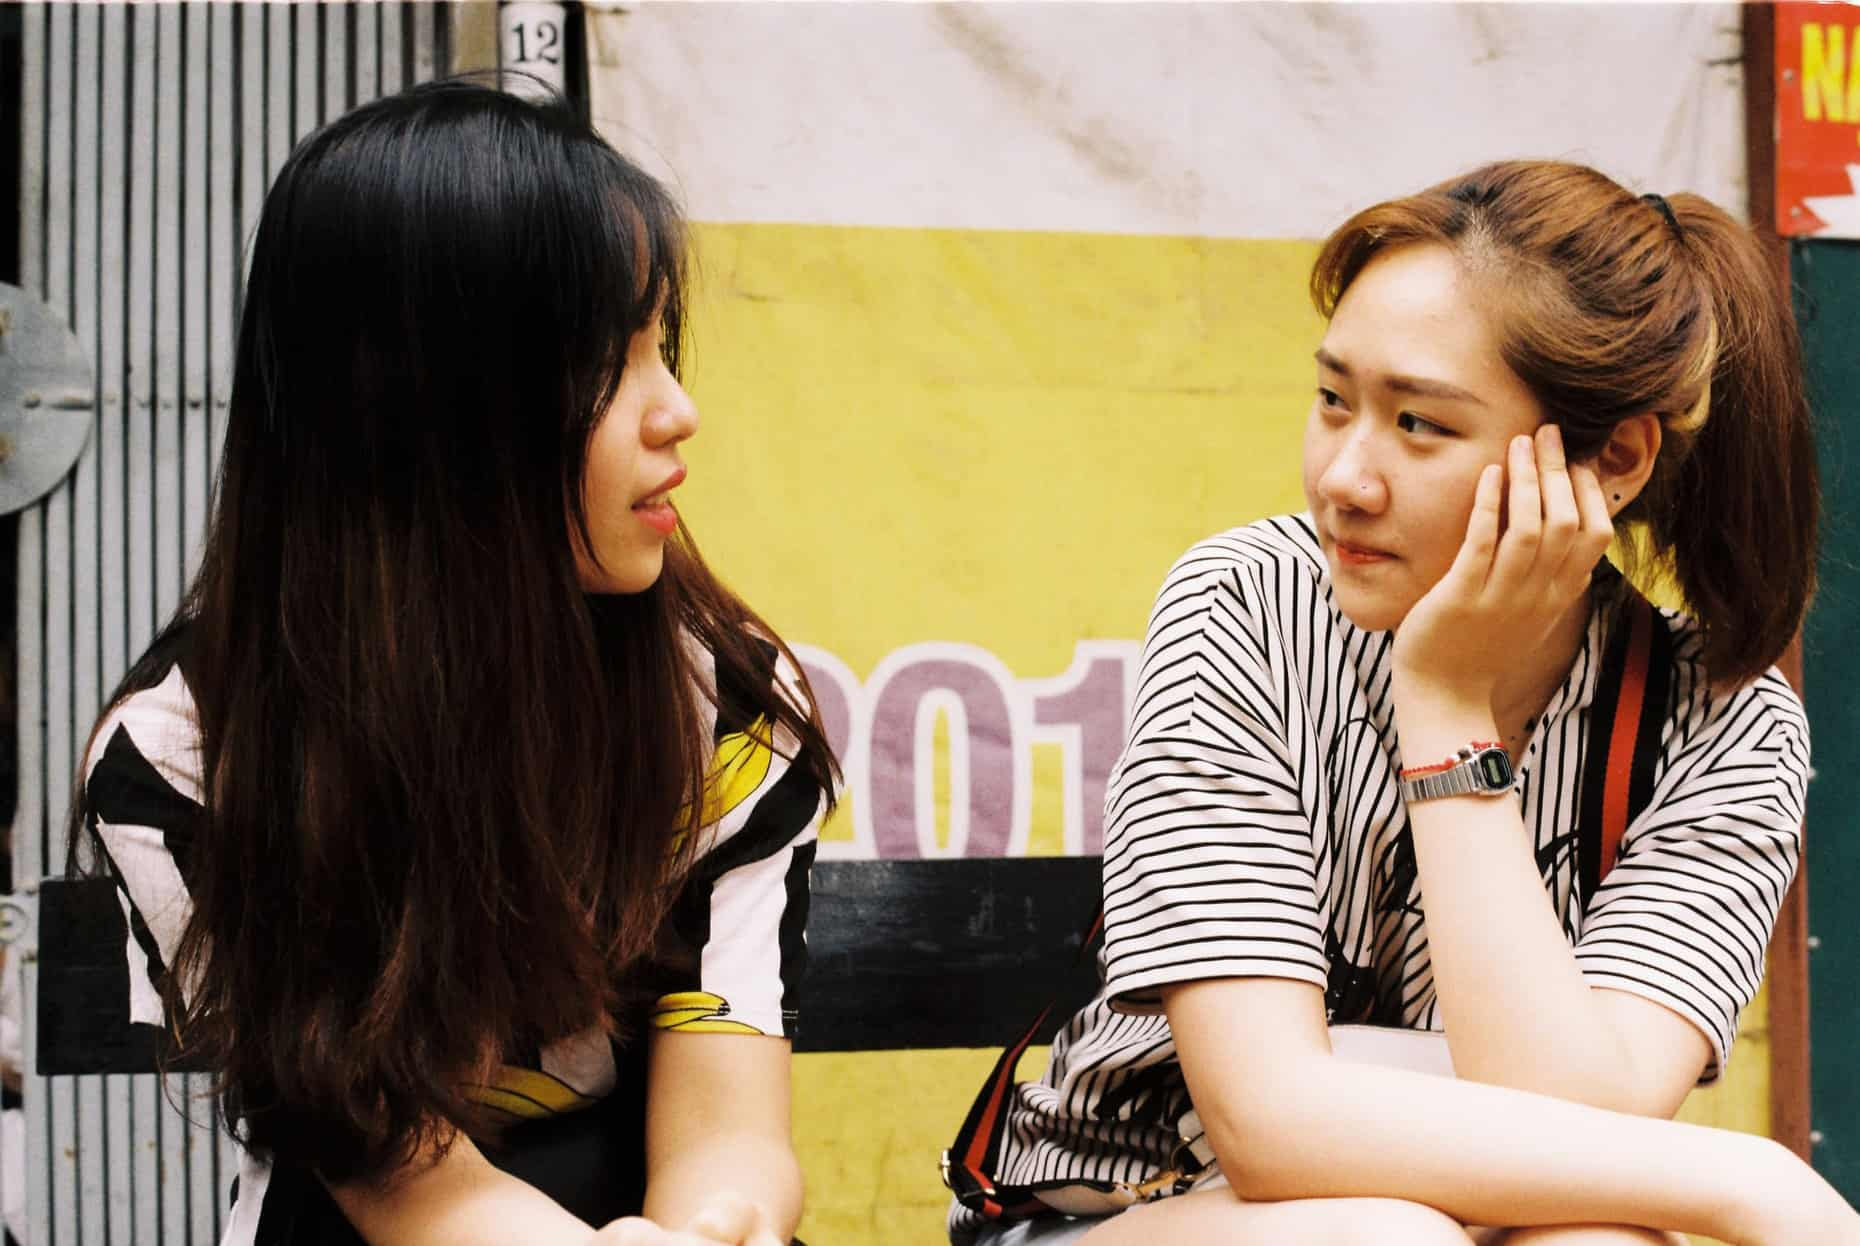 zwei Frauen, die sich gegenseitig die Augen ansehen, während sie auf der Bank sitzen